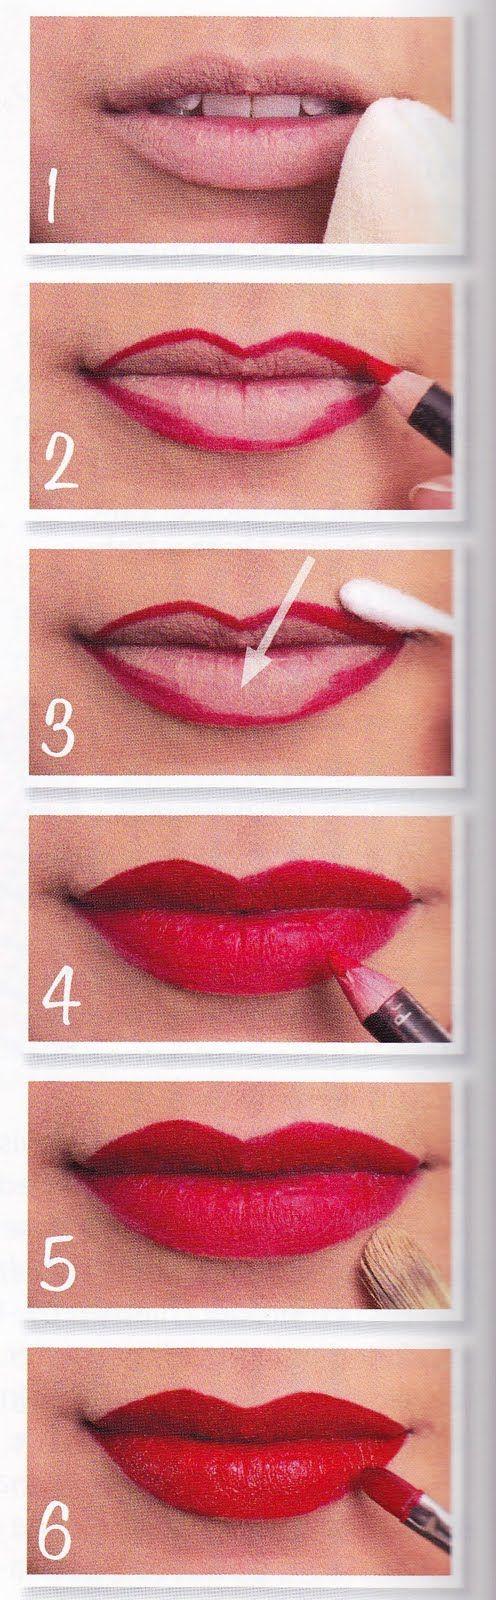 красим губы 01